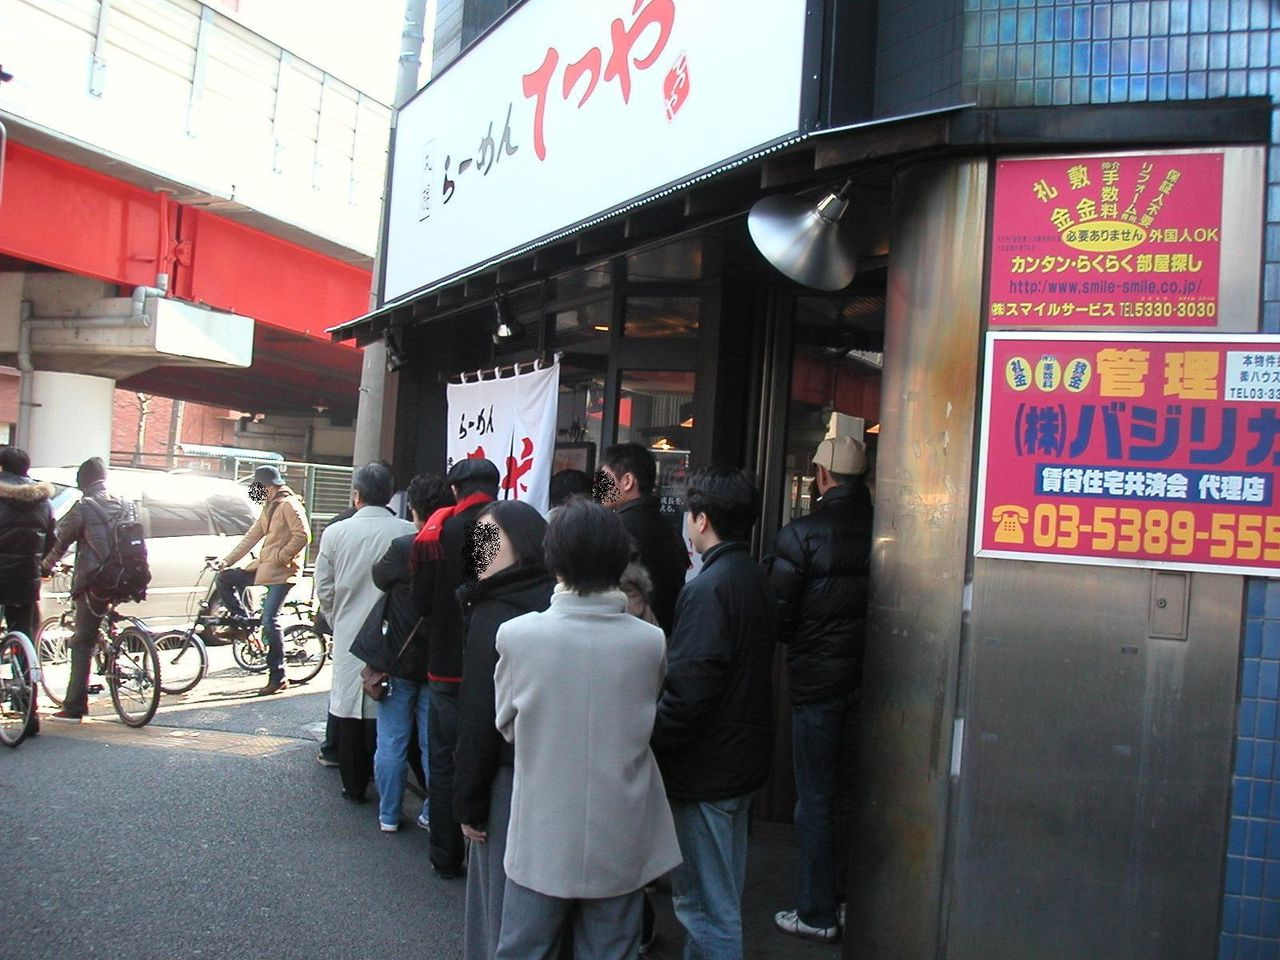 環七外回り高円寺陸橋下にオープンした行列のできるラーメン店